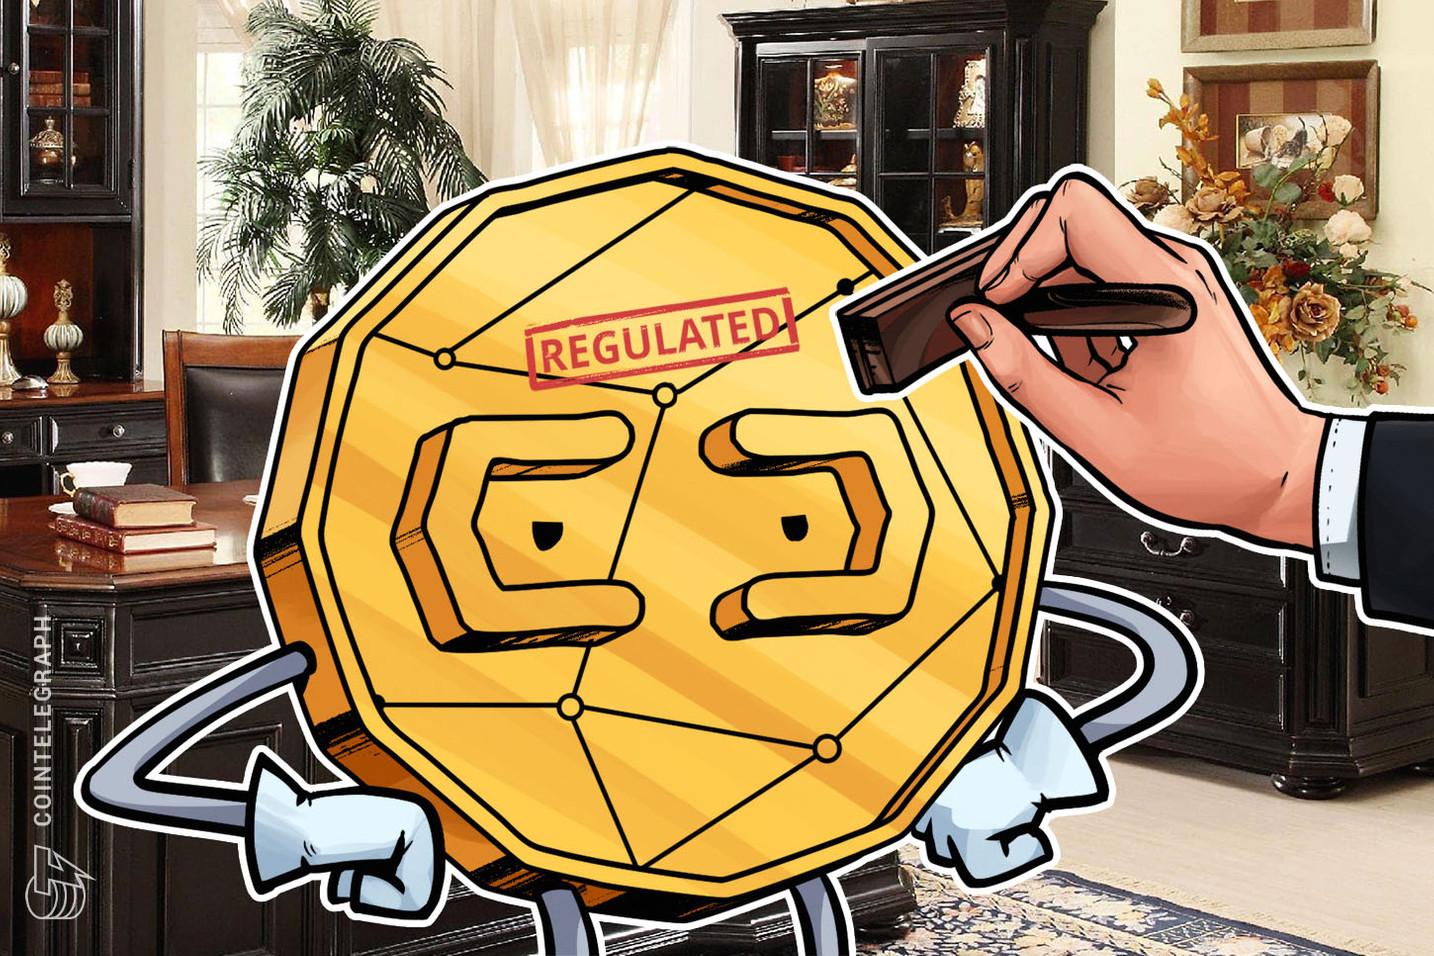 Ukrajina: Pretarena regulativa sprečava razvoj kriptovaluta